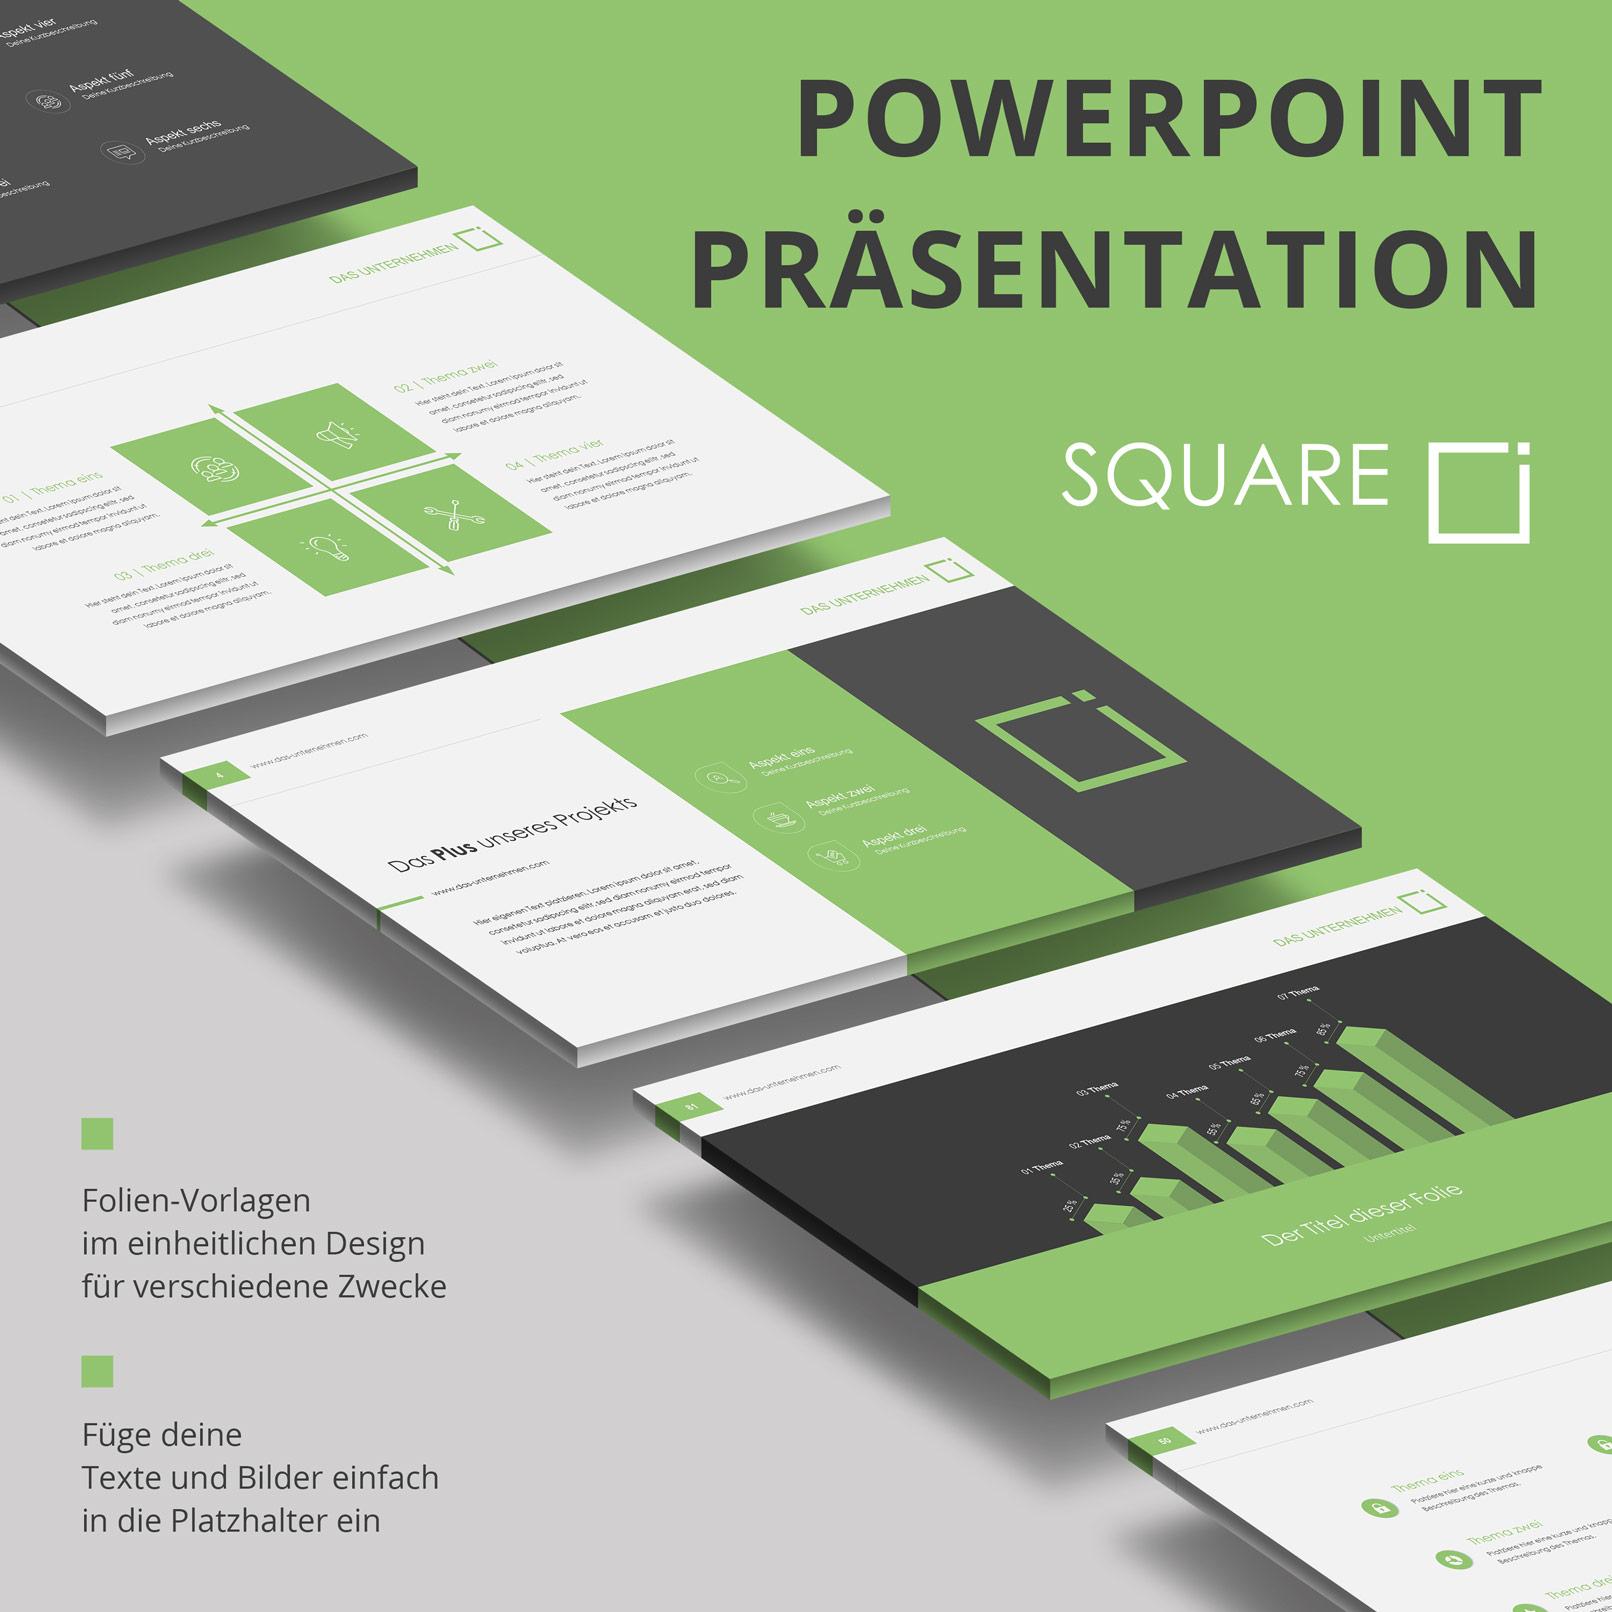 Microsoft PowerPoint-Vorlagen im Square-Design, Beispielfolien